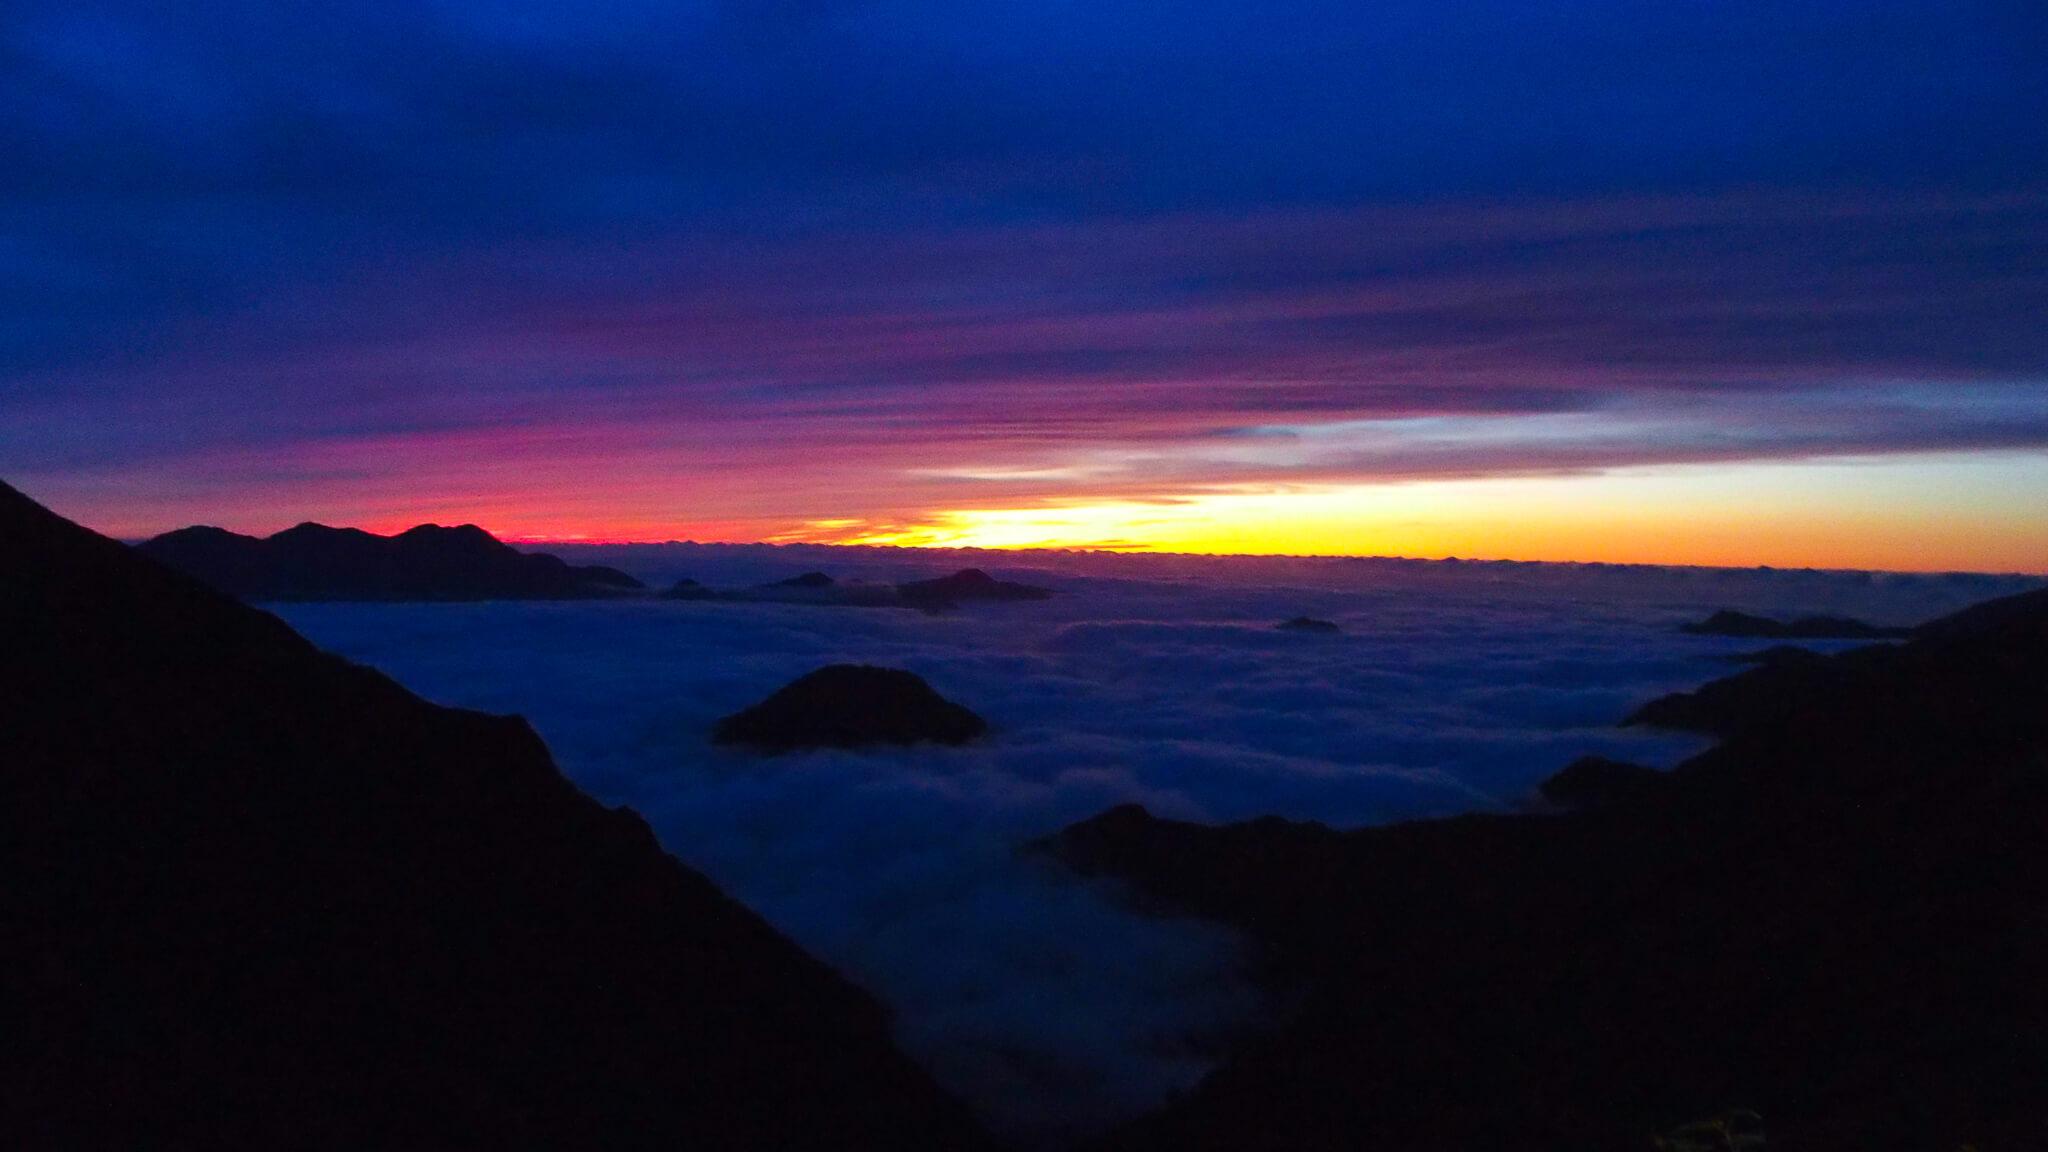 五竜山荘の日没